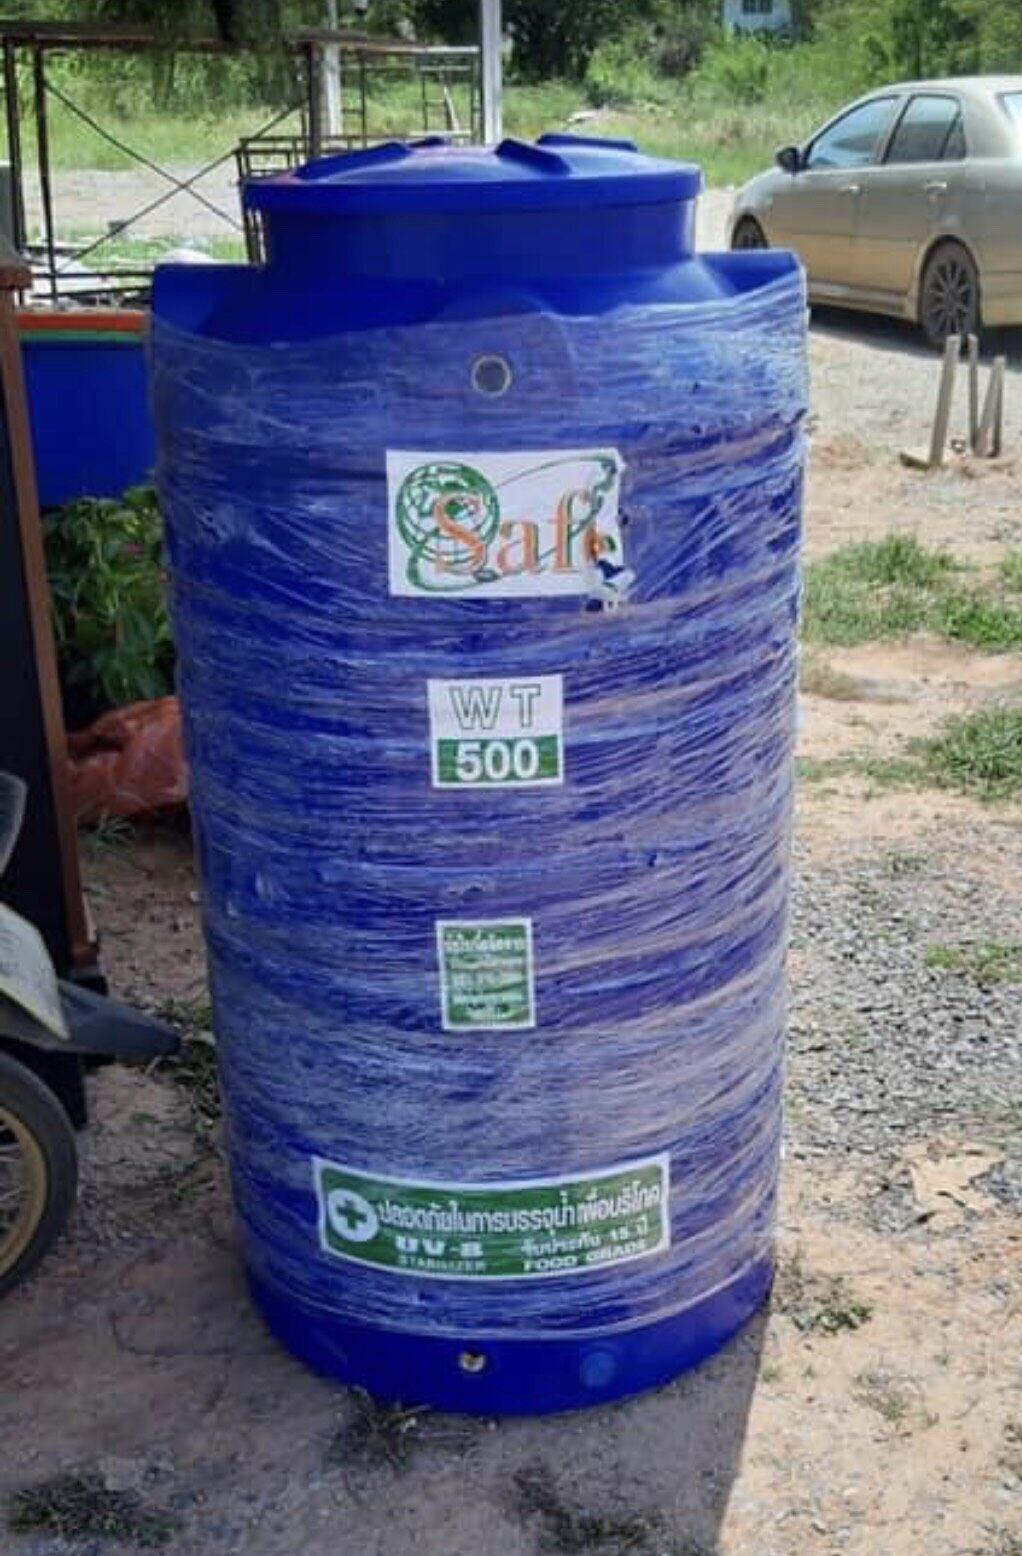 ถังเก็บน้ำ 500 ลิตร ถังเก็บน้ำบนดินพีอี แท้งค์น้ำ มอก.816-2556 ส่งฟรีกรุงเทพและปริมณฑล มาตรฐาน มอก.816-2556 Food Grade